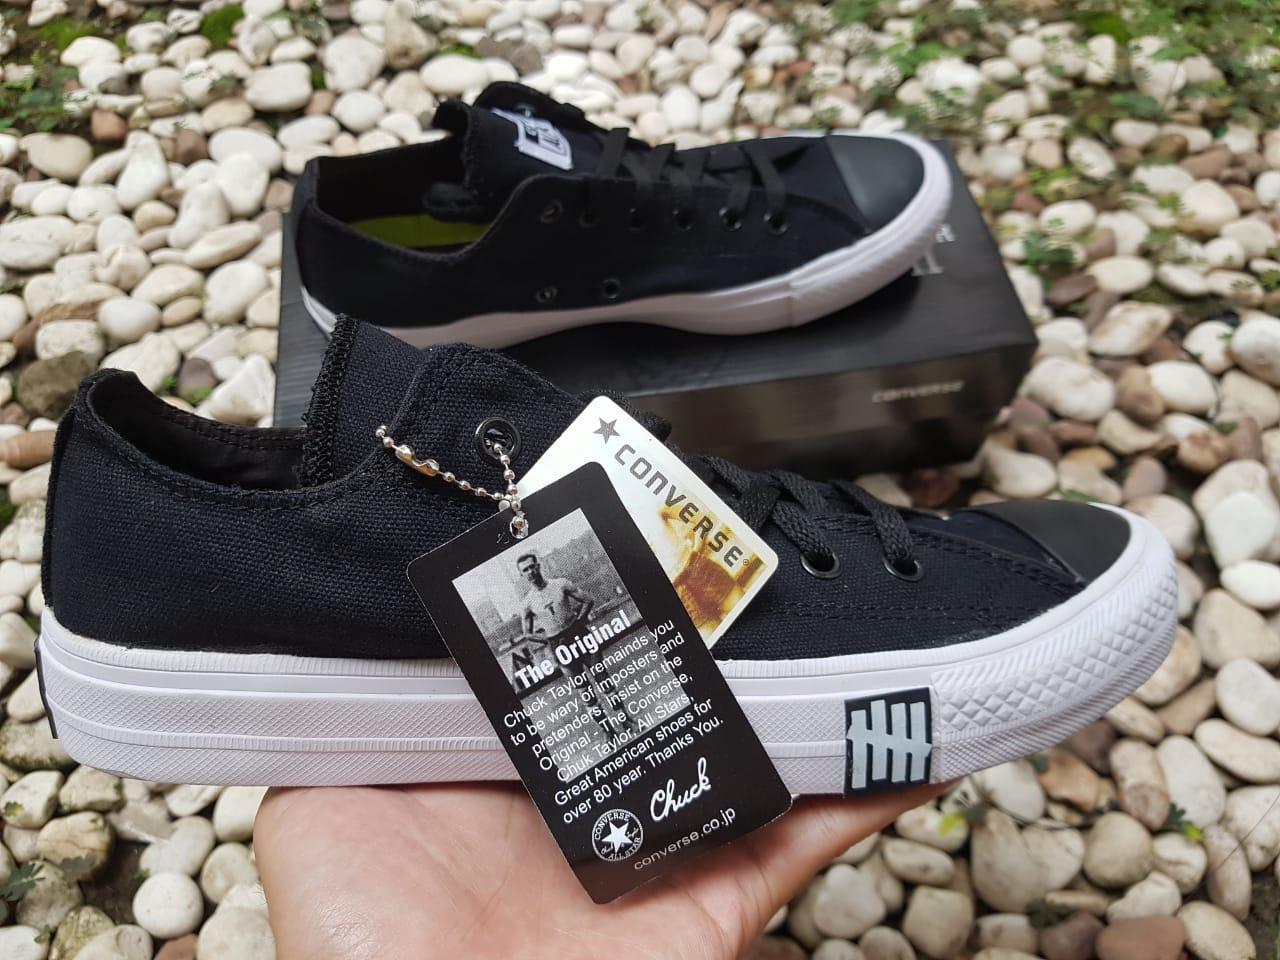 Jual sepatu sneakers converse murah garansi dan berkualitas  294aafbcdf